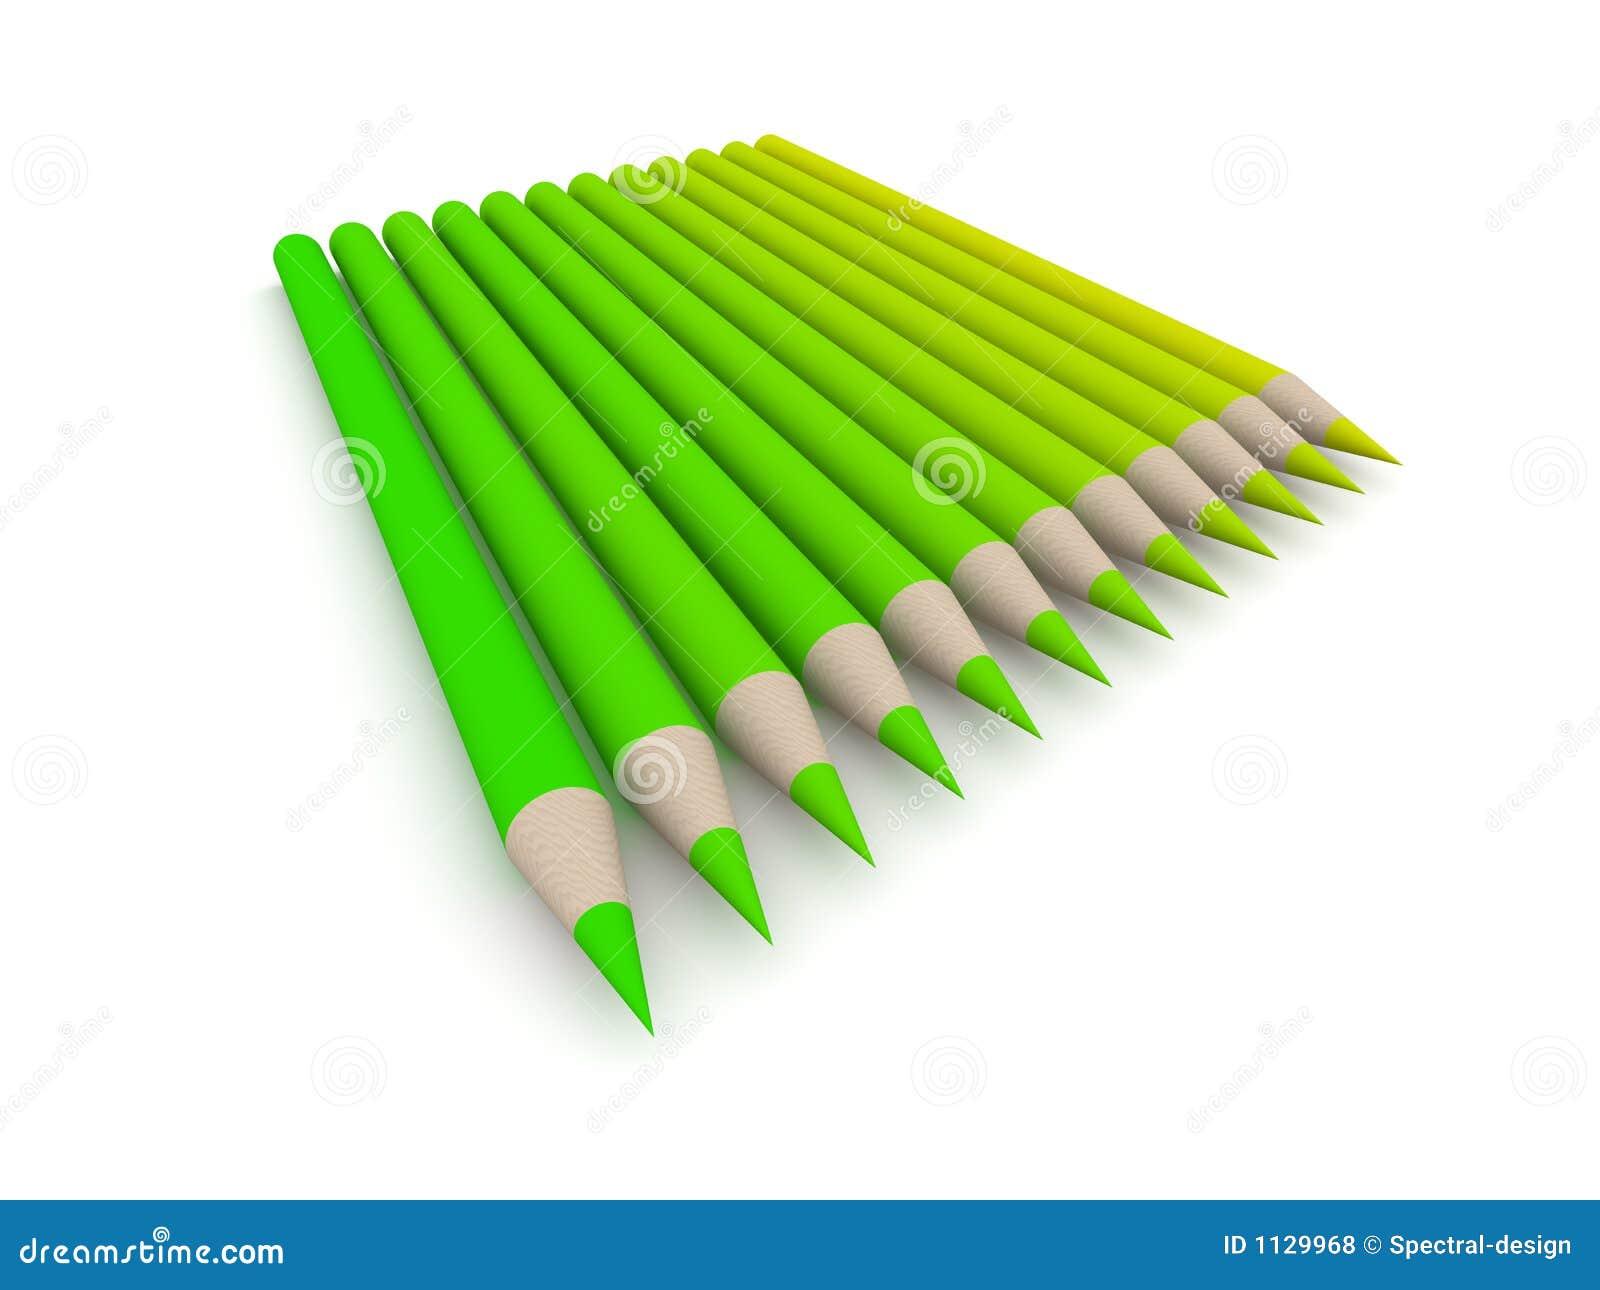 För crayongreen för 2 färg spectrum